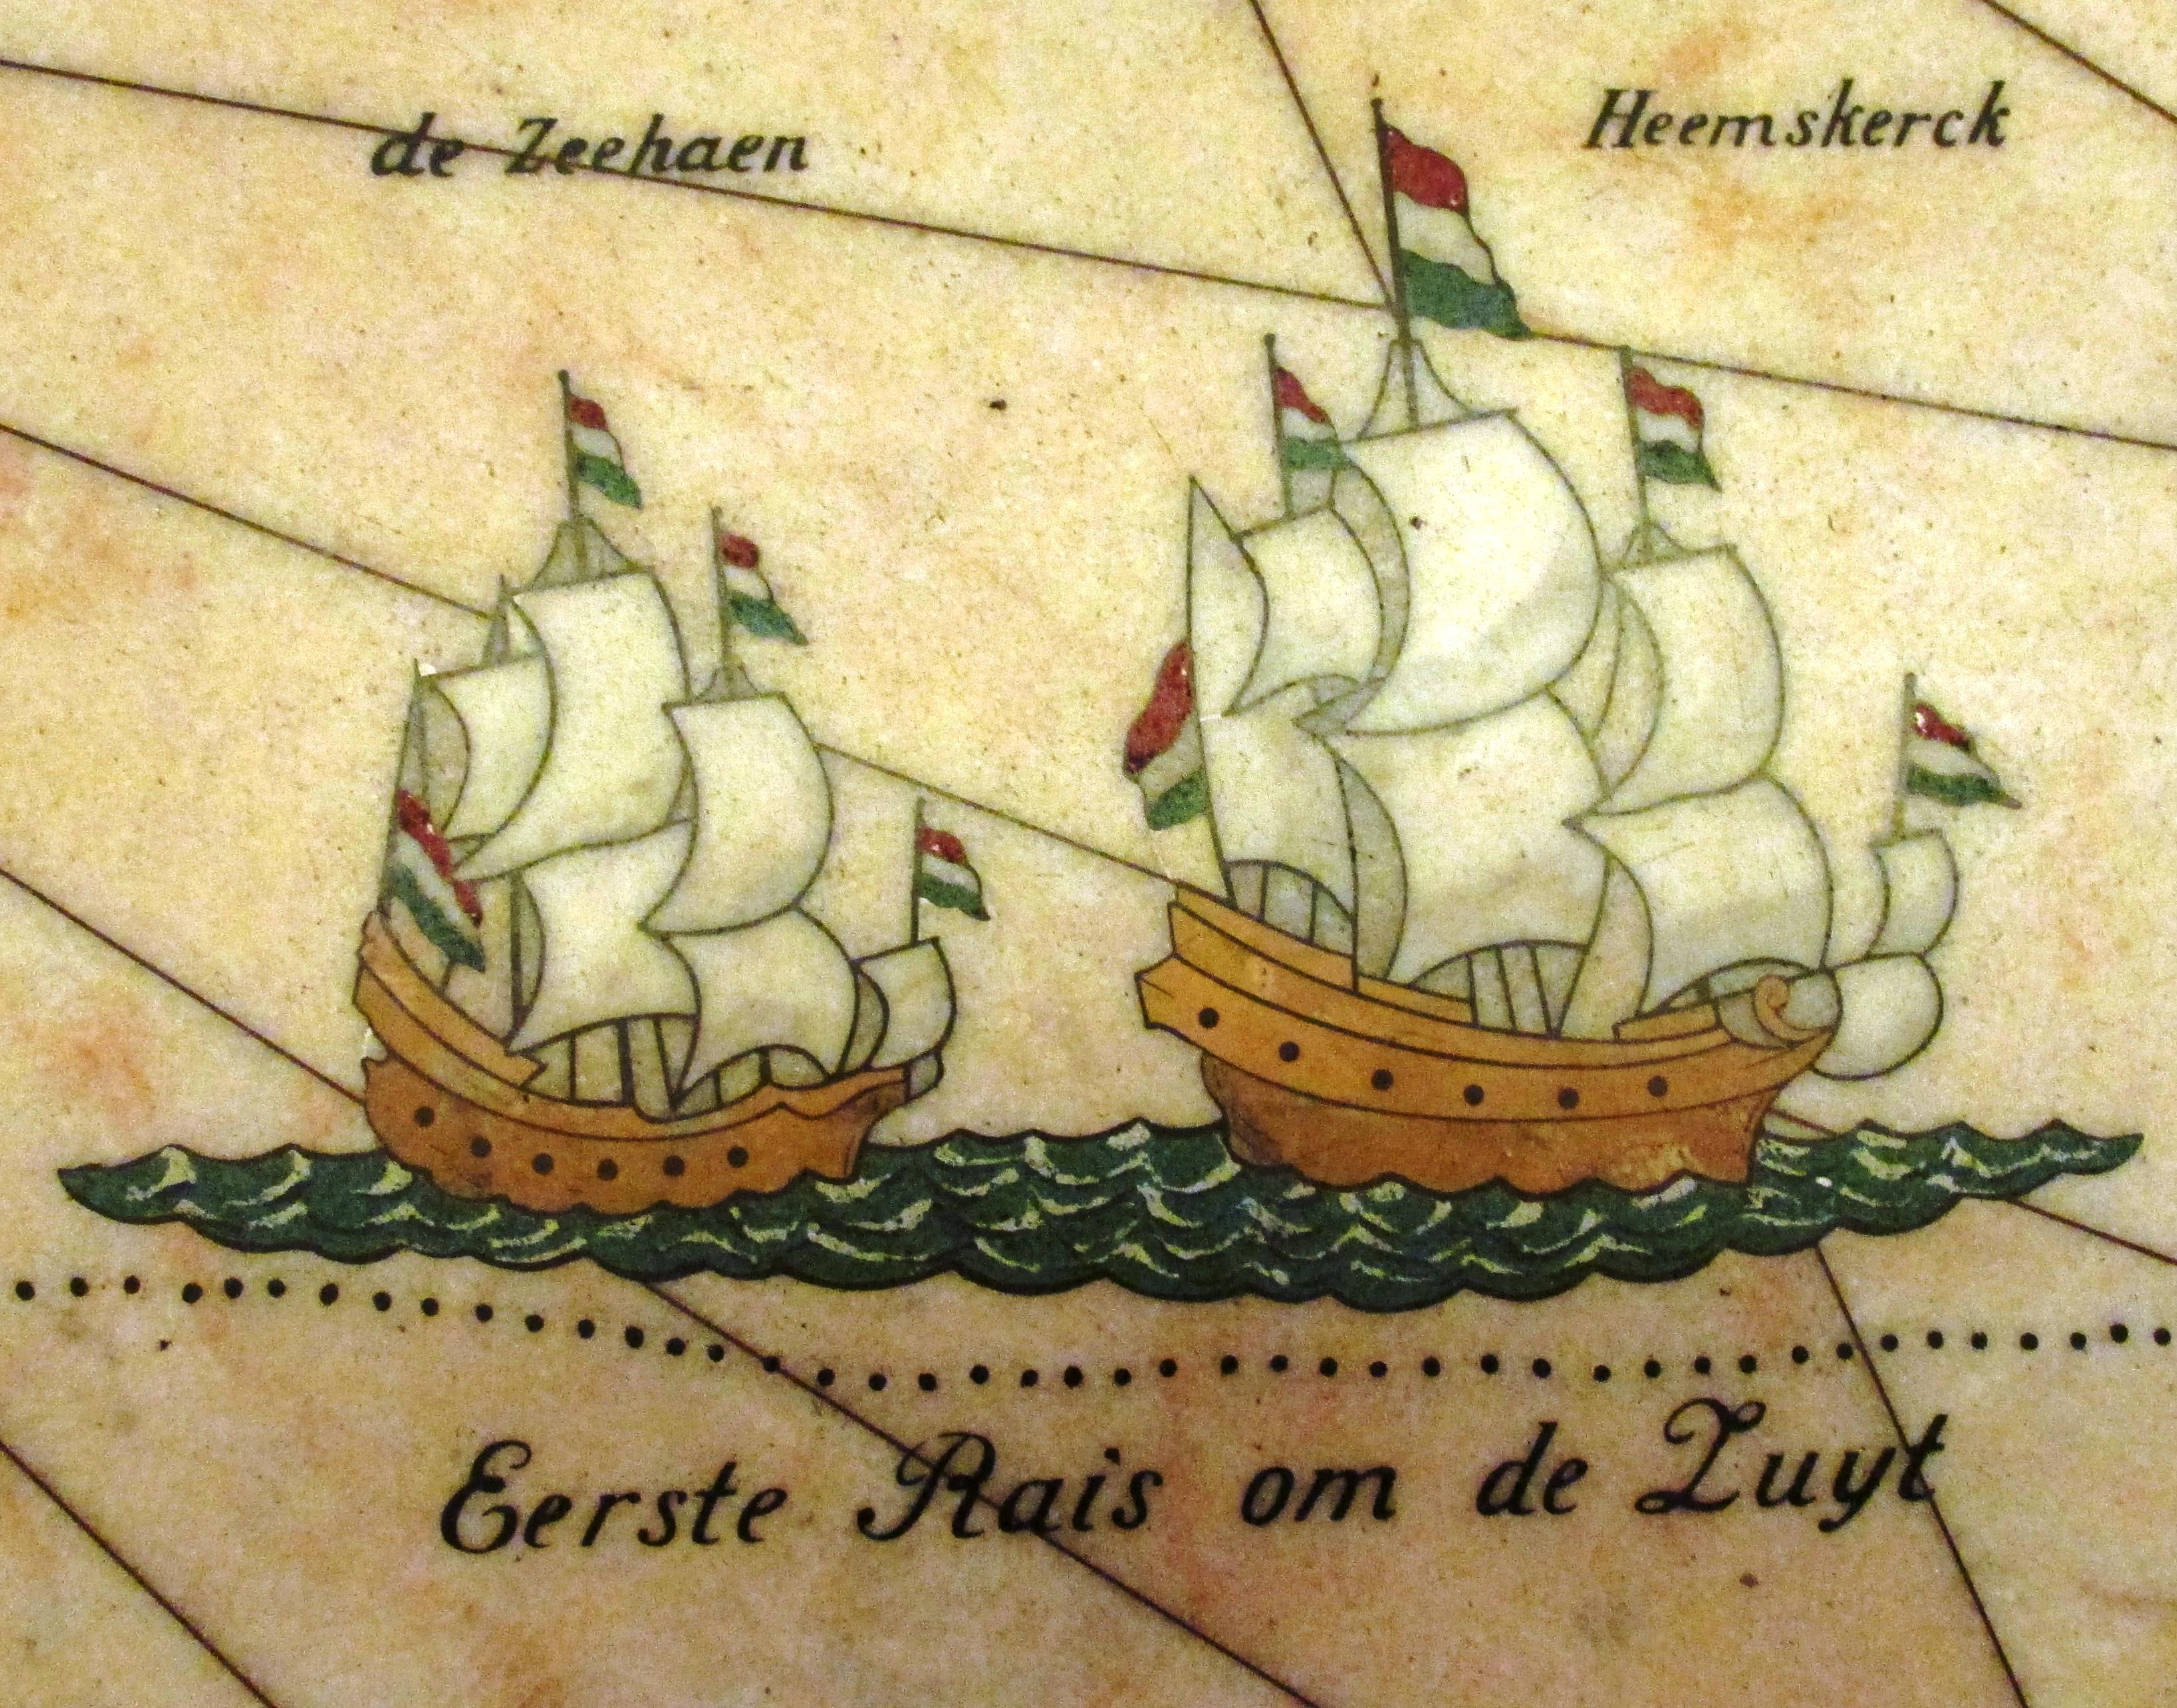 70 The Heemskerck and Zeehaen